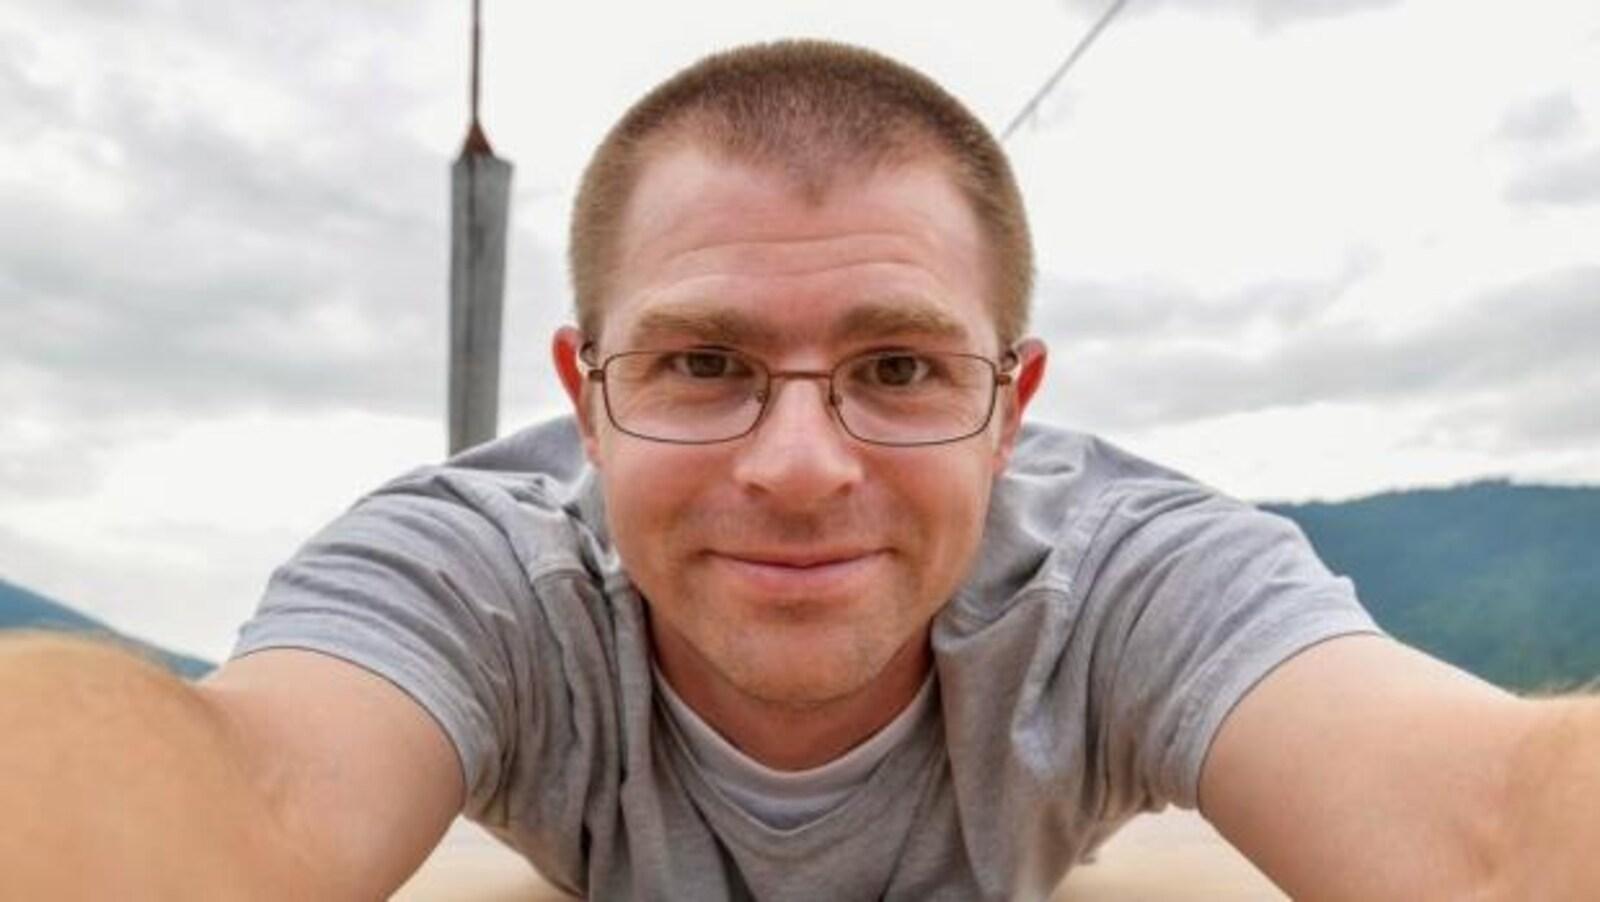 Dwayne Schnell se penche vers la caméra et sourit.